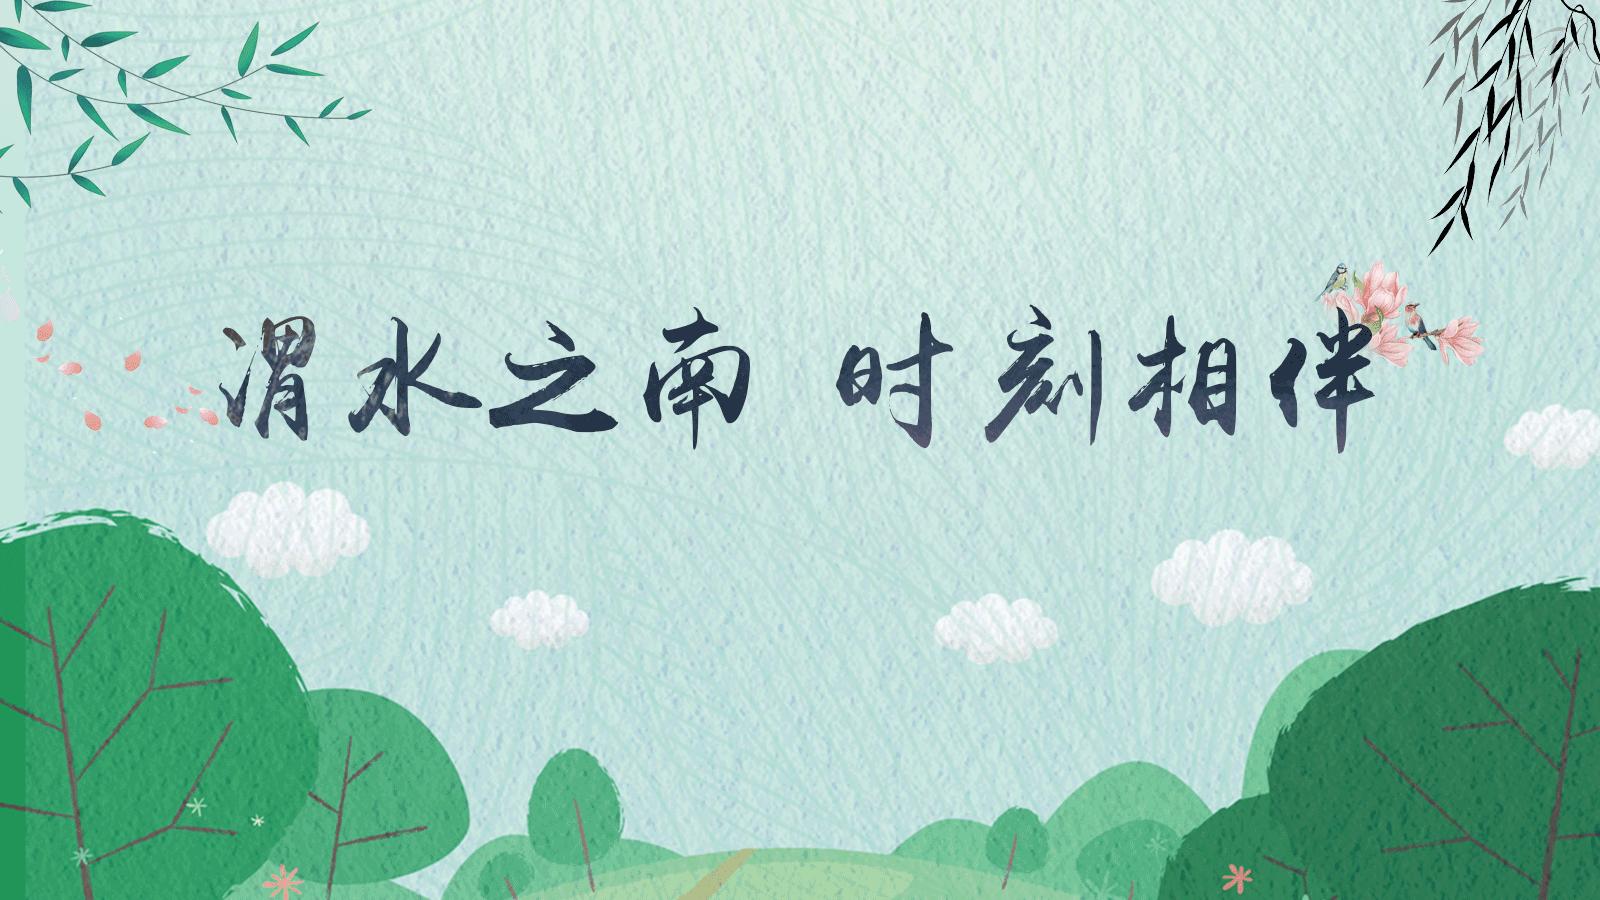 渭南广播电视台《东秦金融》栏目今天正式开播啦!